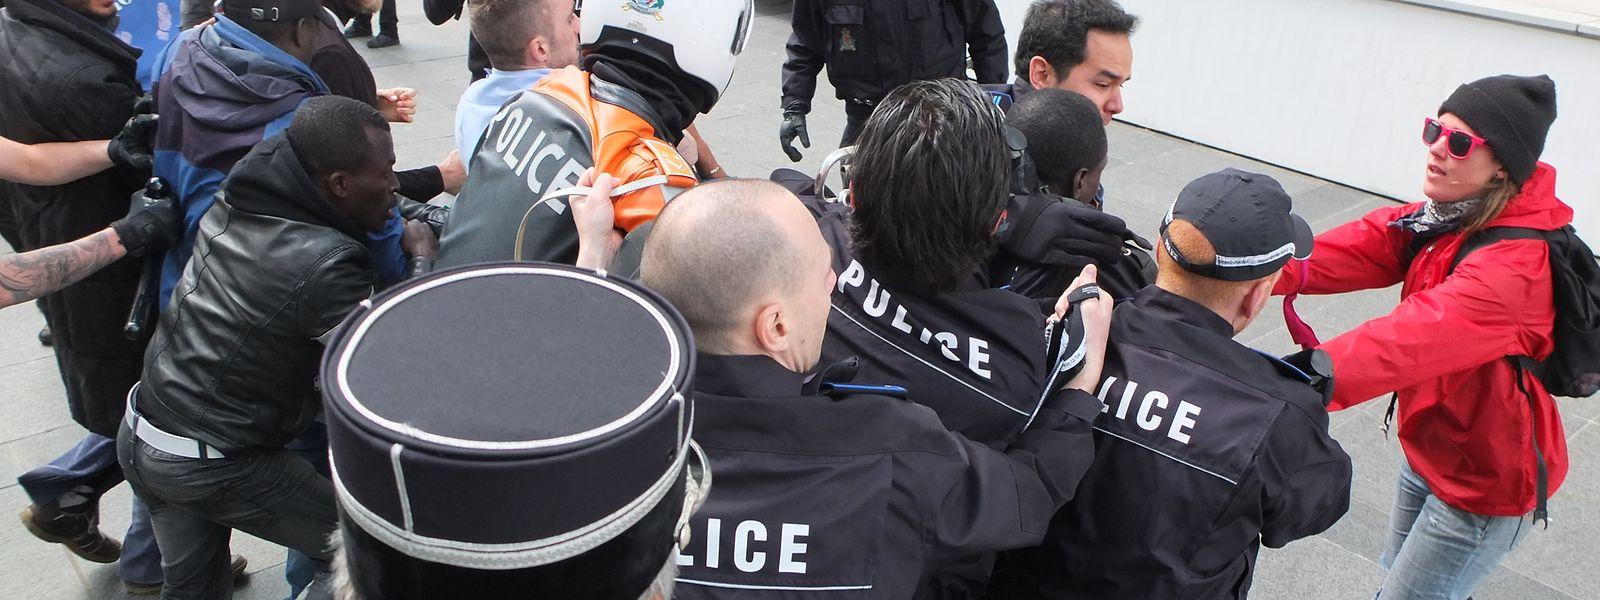 Als die Polizei einzelne Angreifer festnehmen wollte, setzten diese sich heftig zur Wehr.